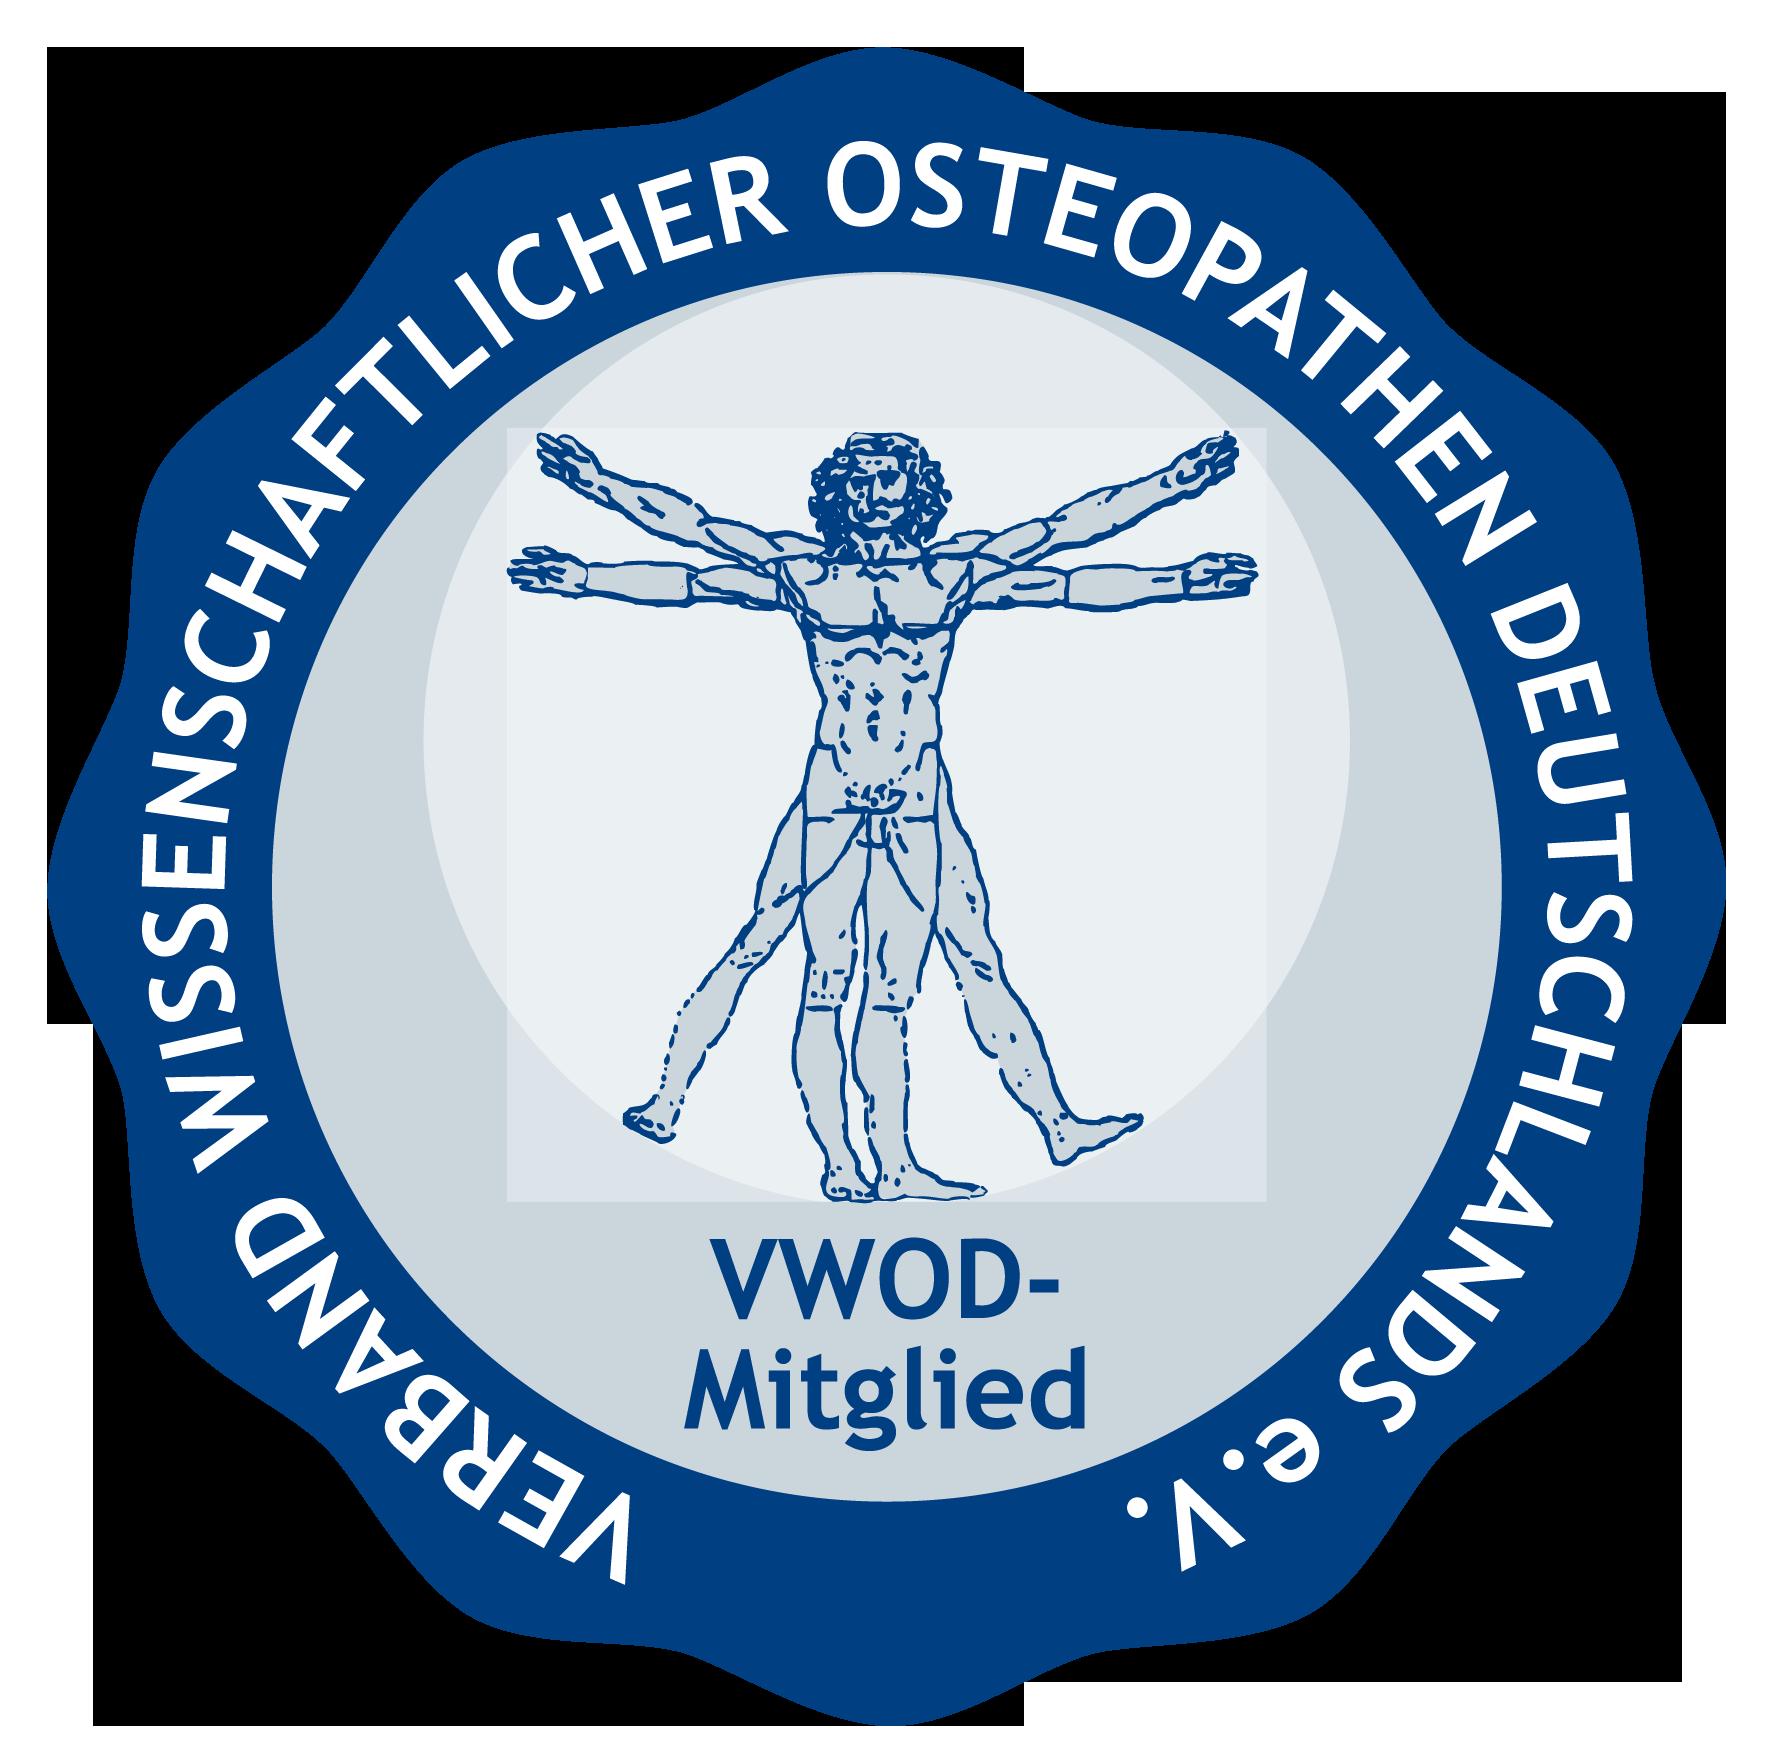 aktiwell vwod logo mitglieder rgb vb